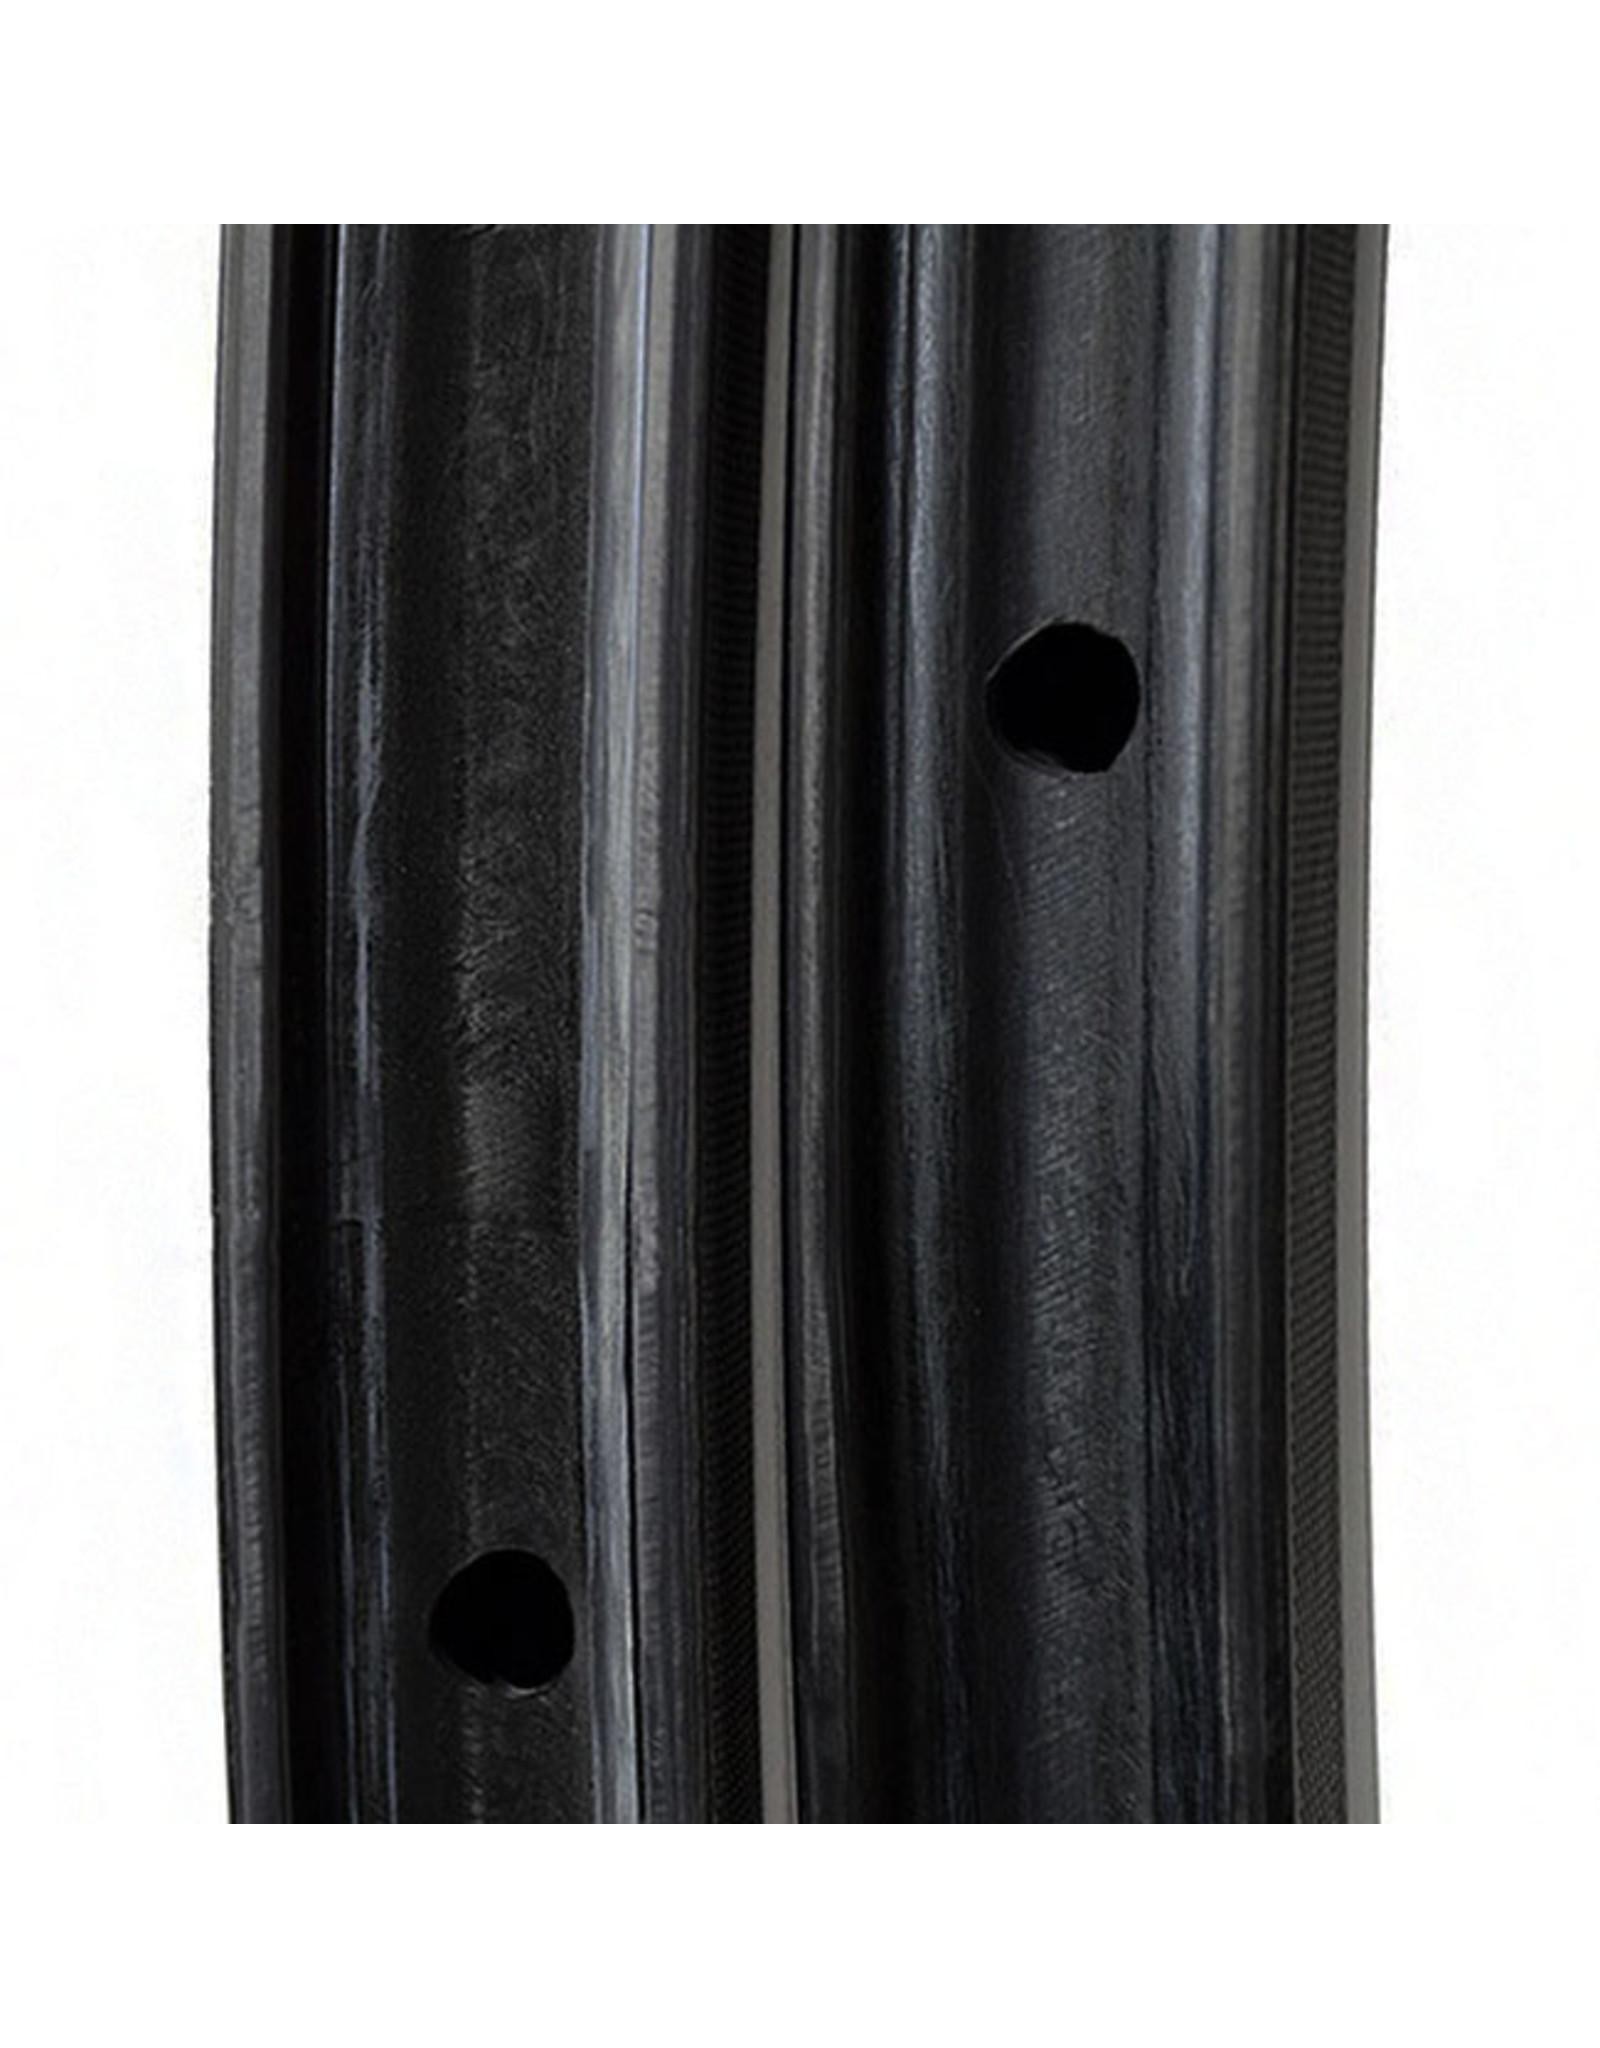 ENVE Composites ENVE 3.4 Carbon Clincher Rims